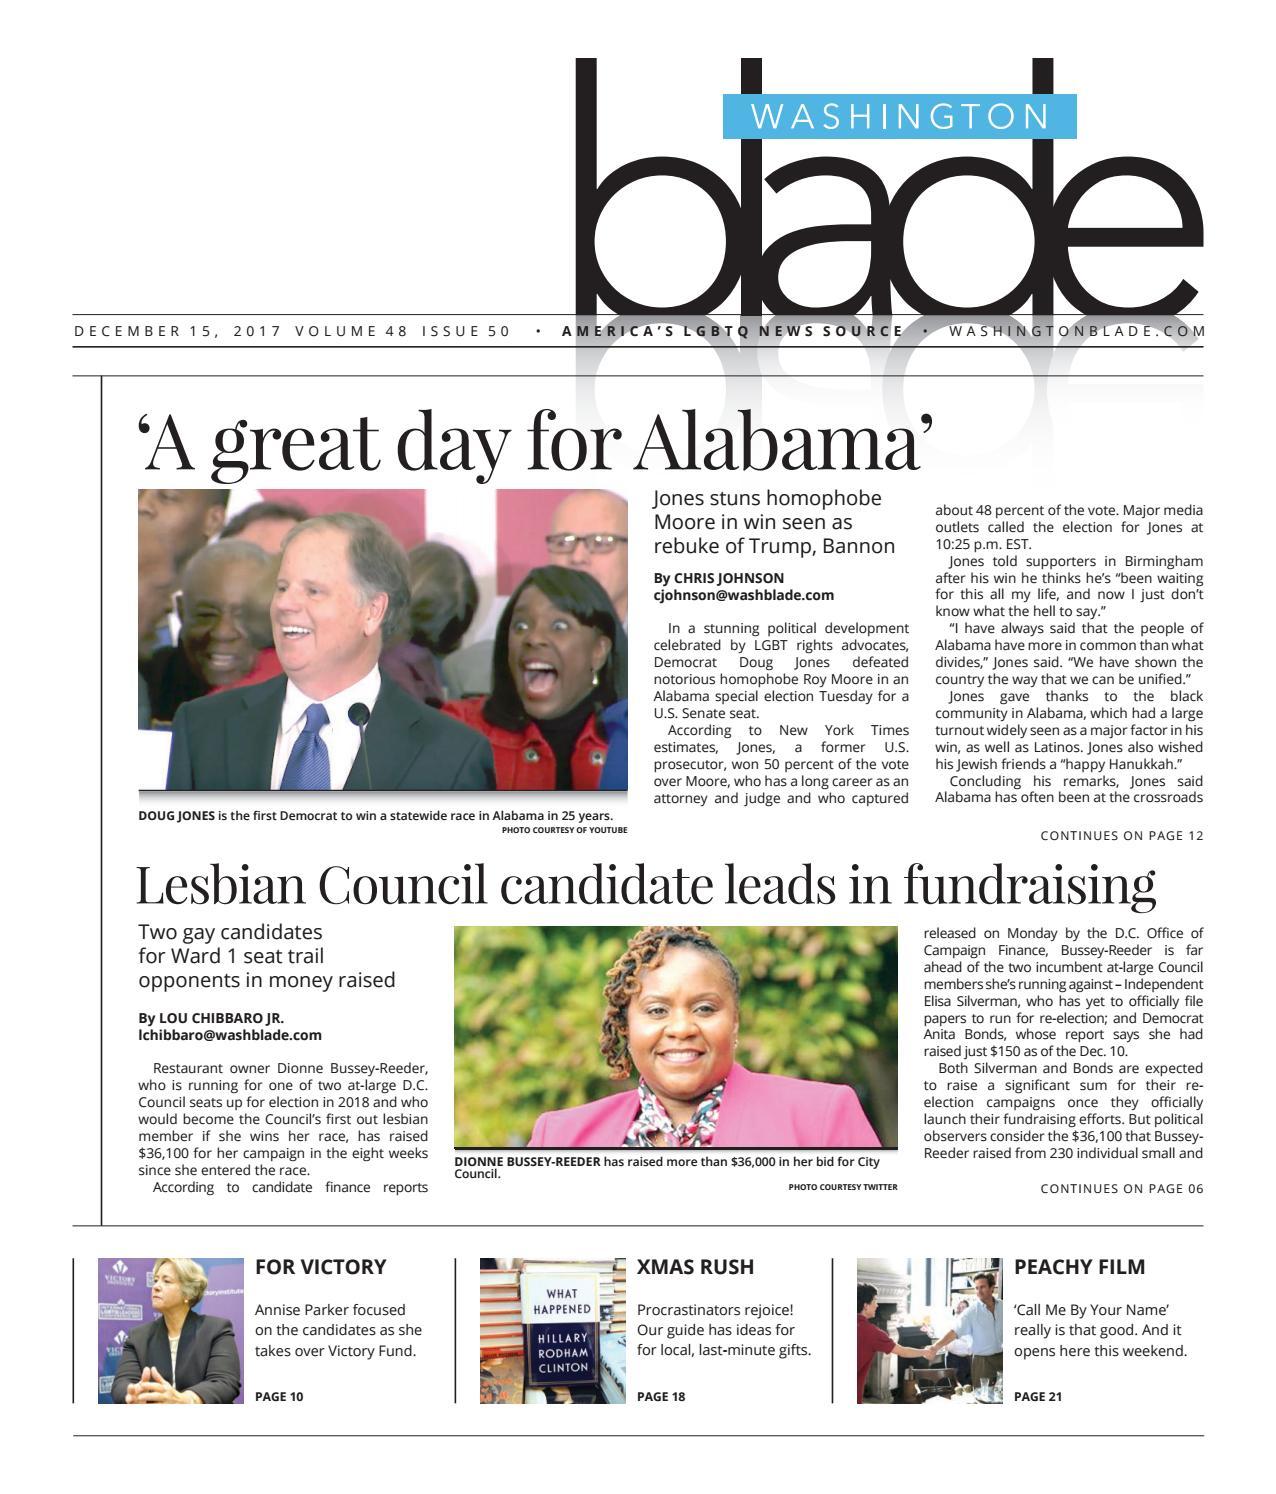 ac5b8a5a9ab Washingtonblade.com